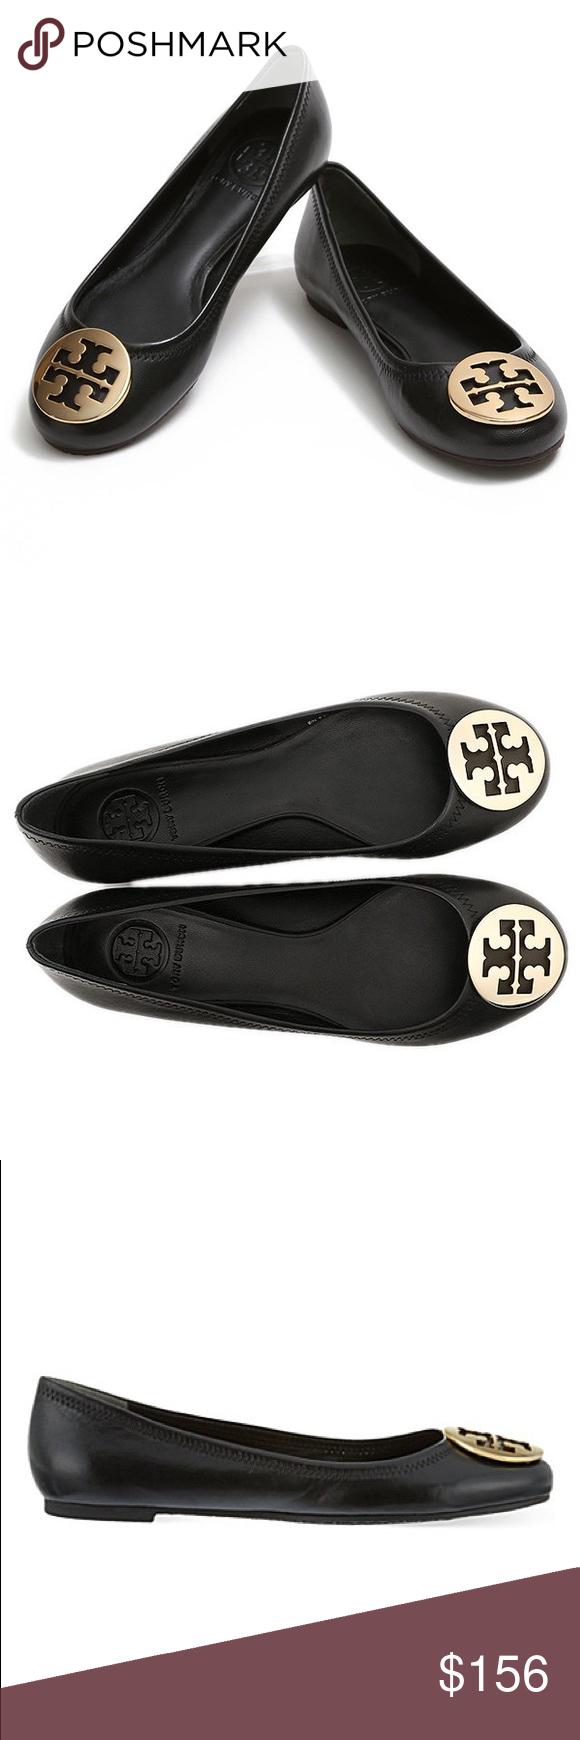 ac2a6ee55a3 Tory Burch Reva leather black Tory Burch Reva leather black The iconic Reva  Ballet Flat —